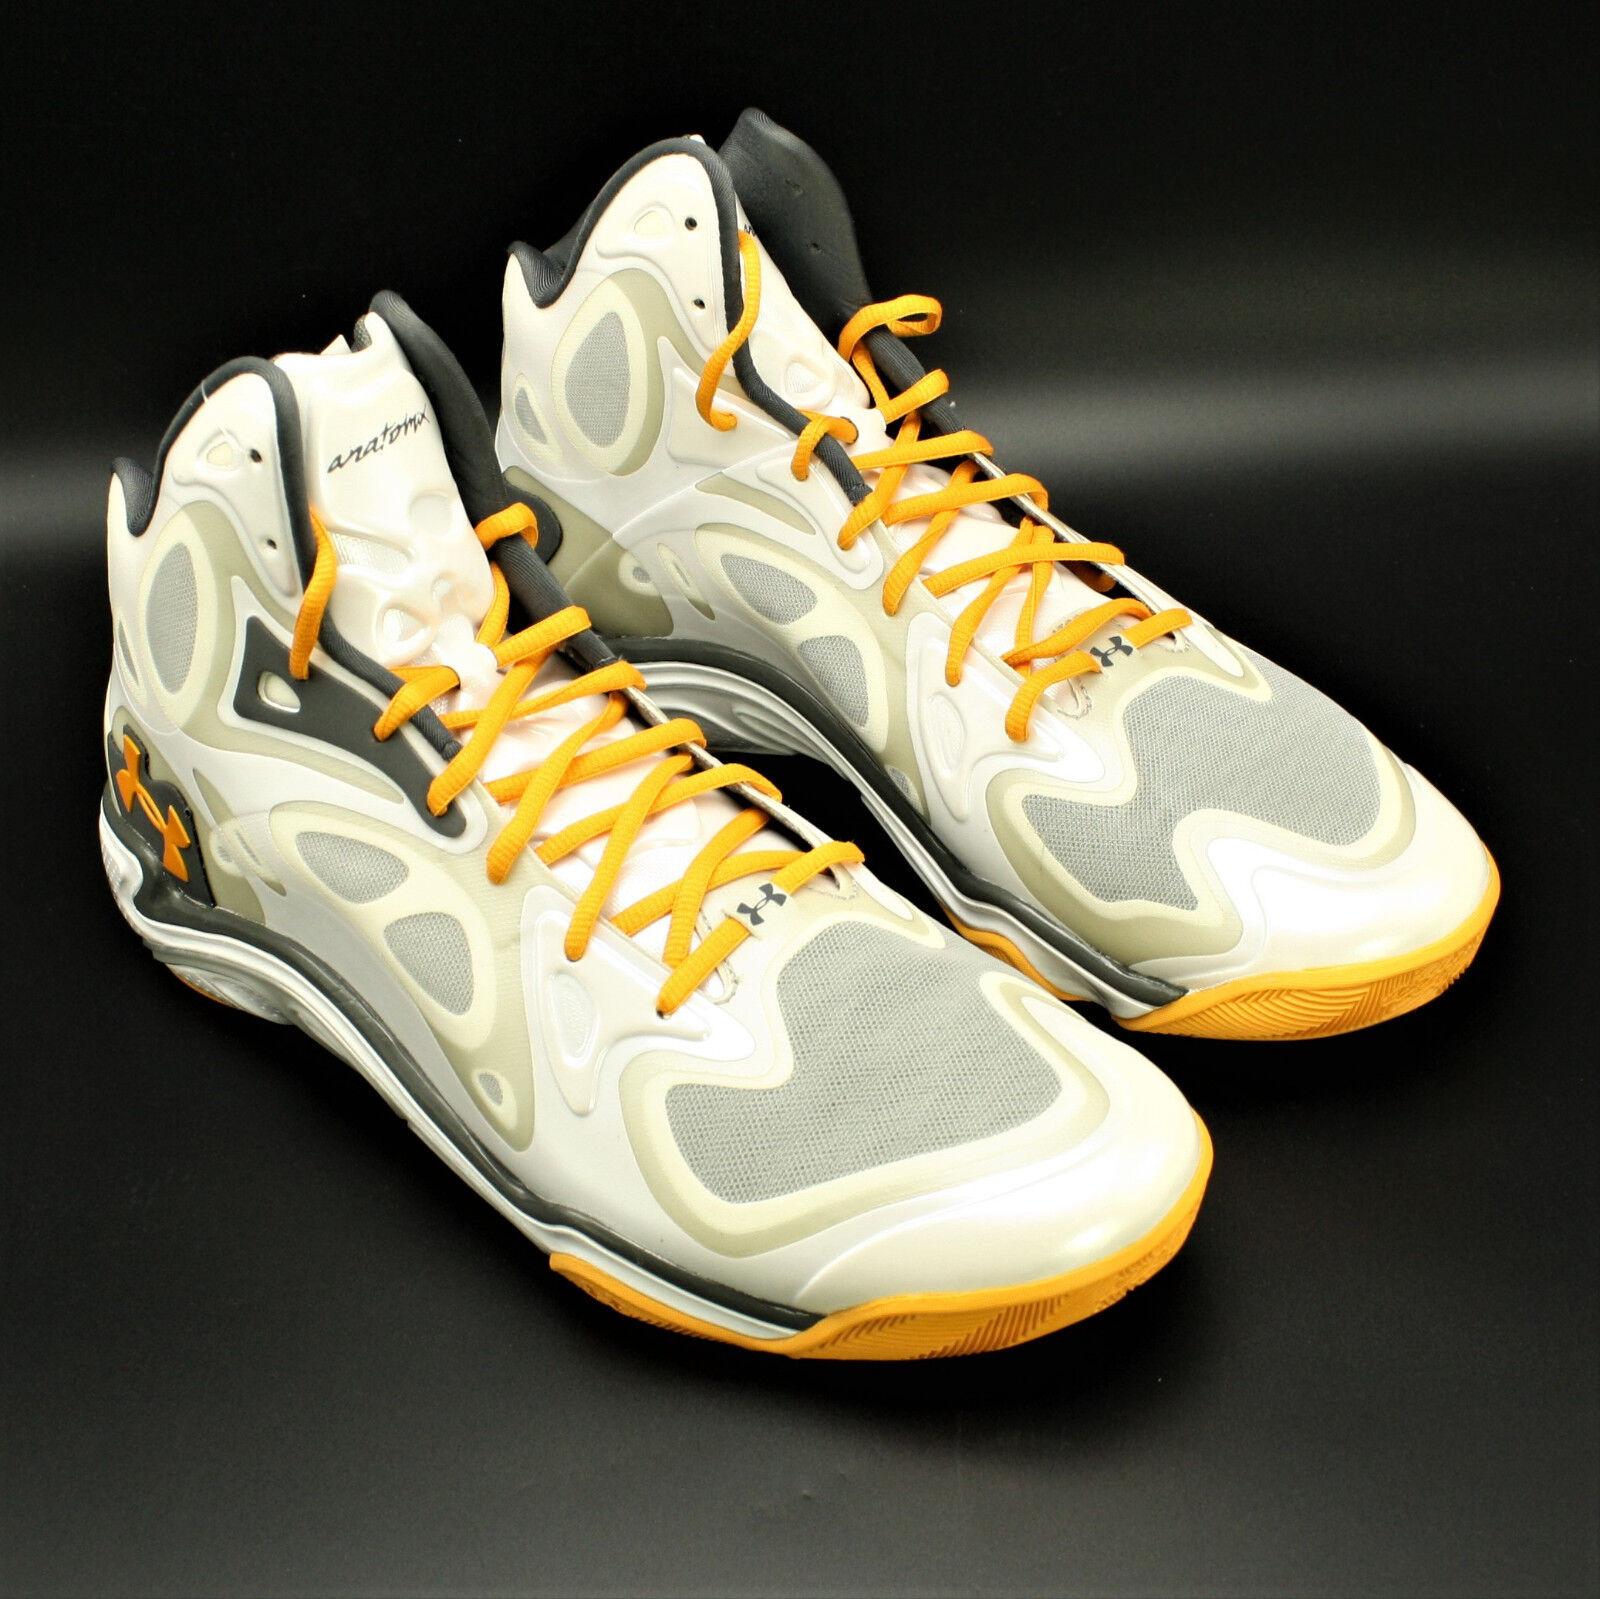 Under Armour Micro G Anatomix Spawn Basketball Schuhe Größe 14 1248426-120